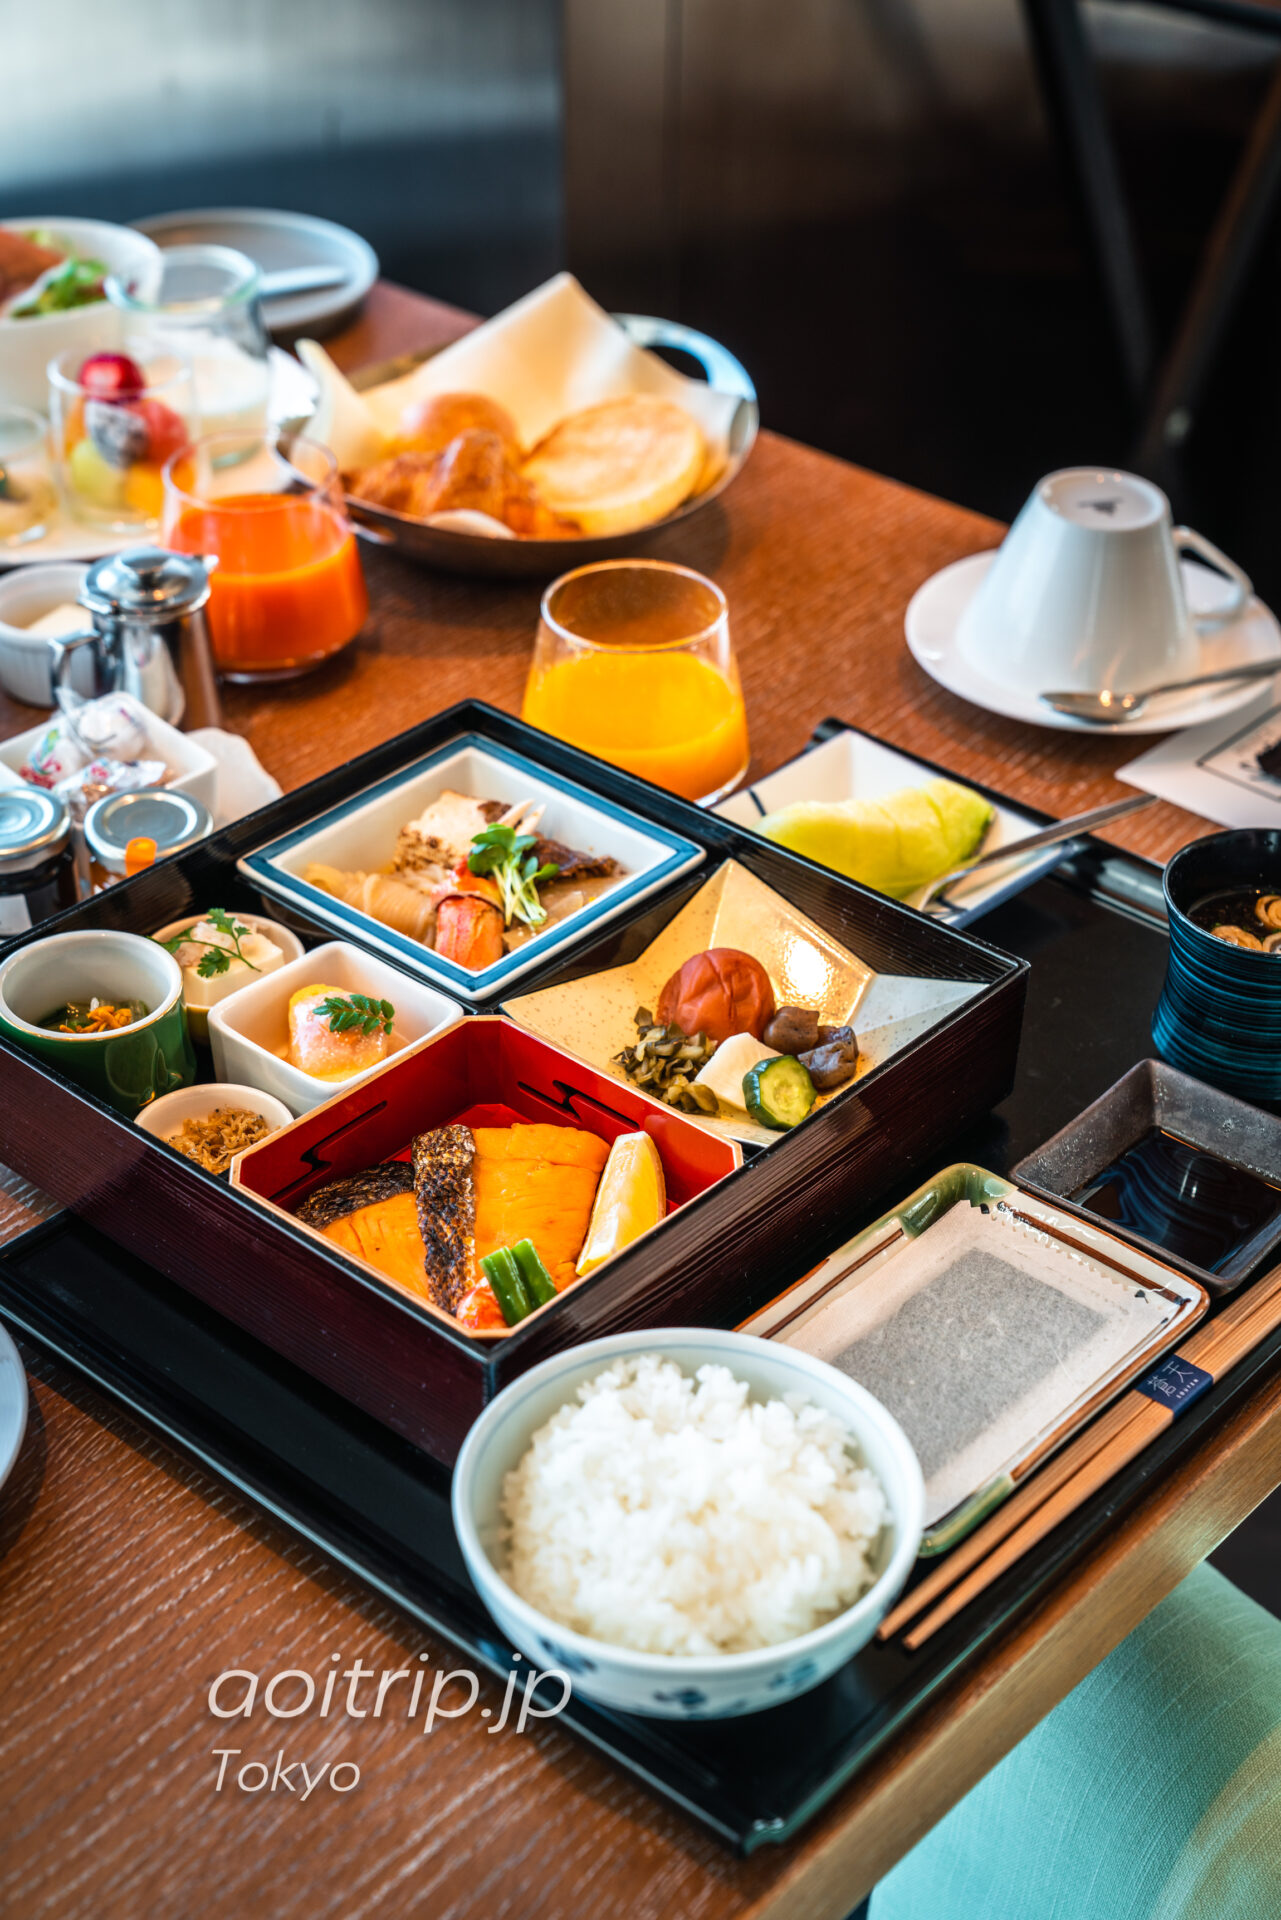 ザ プリンスギャラリー 東京紀尾井町 朝食の和定食